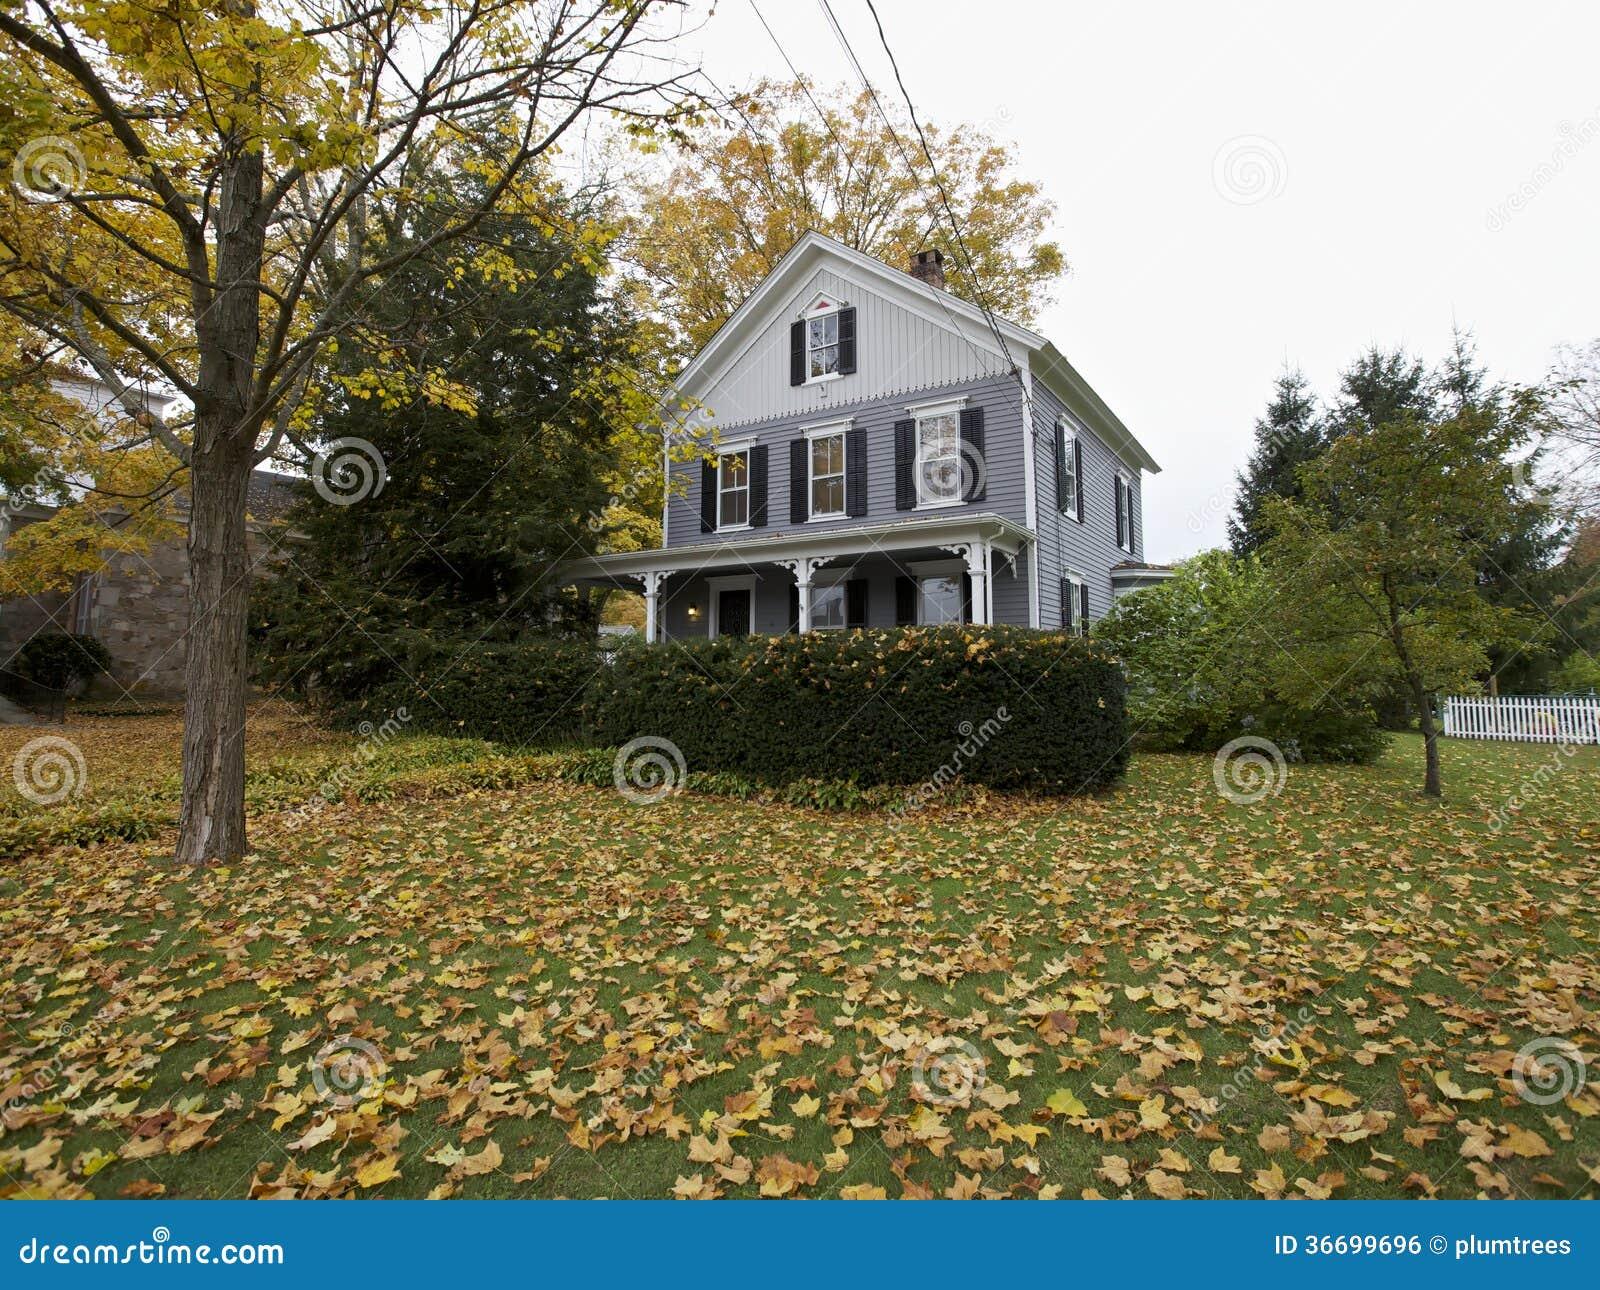 Maison am ricaine de la nouvelle angleterre dans l 39 automne for Www conception de la nouvelle maison